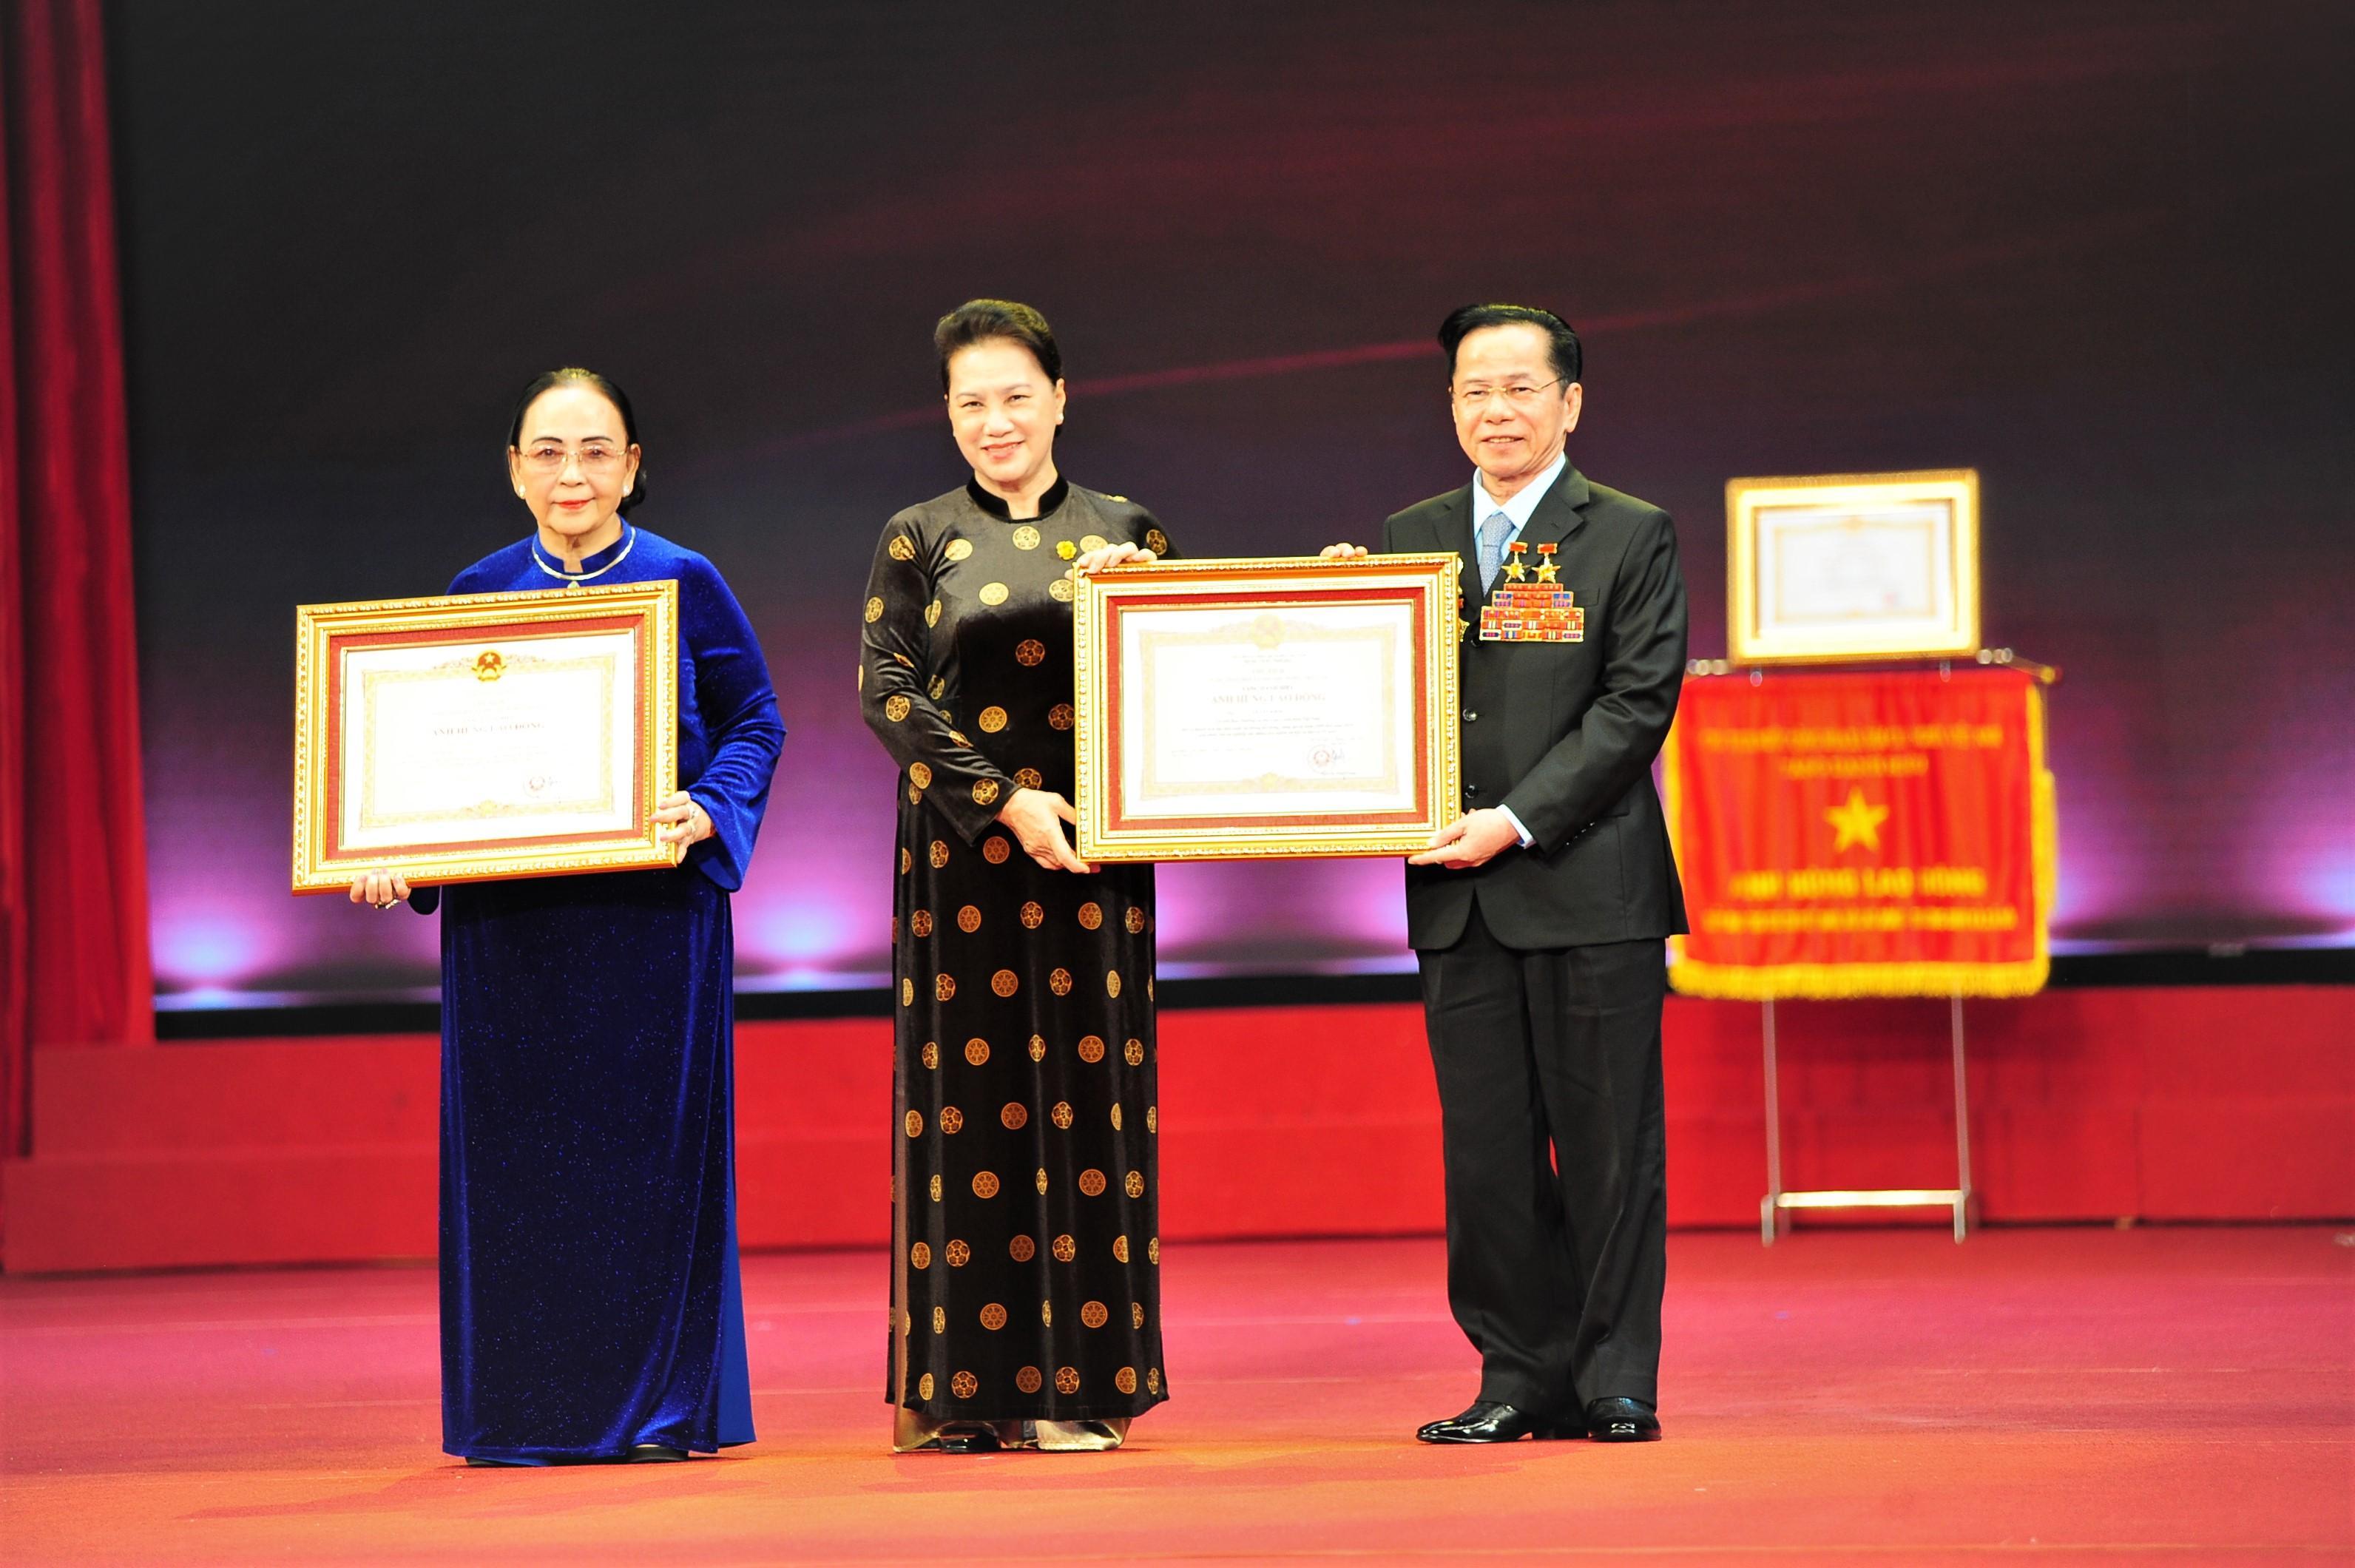 Chủ tịch Quốc hội Nguyễn Thị Kim Ngân trao danh hiệu AHLĐ cho ông Lê Văn Kiểm và bà Trần Thị Cẩm Nhung